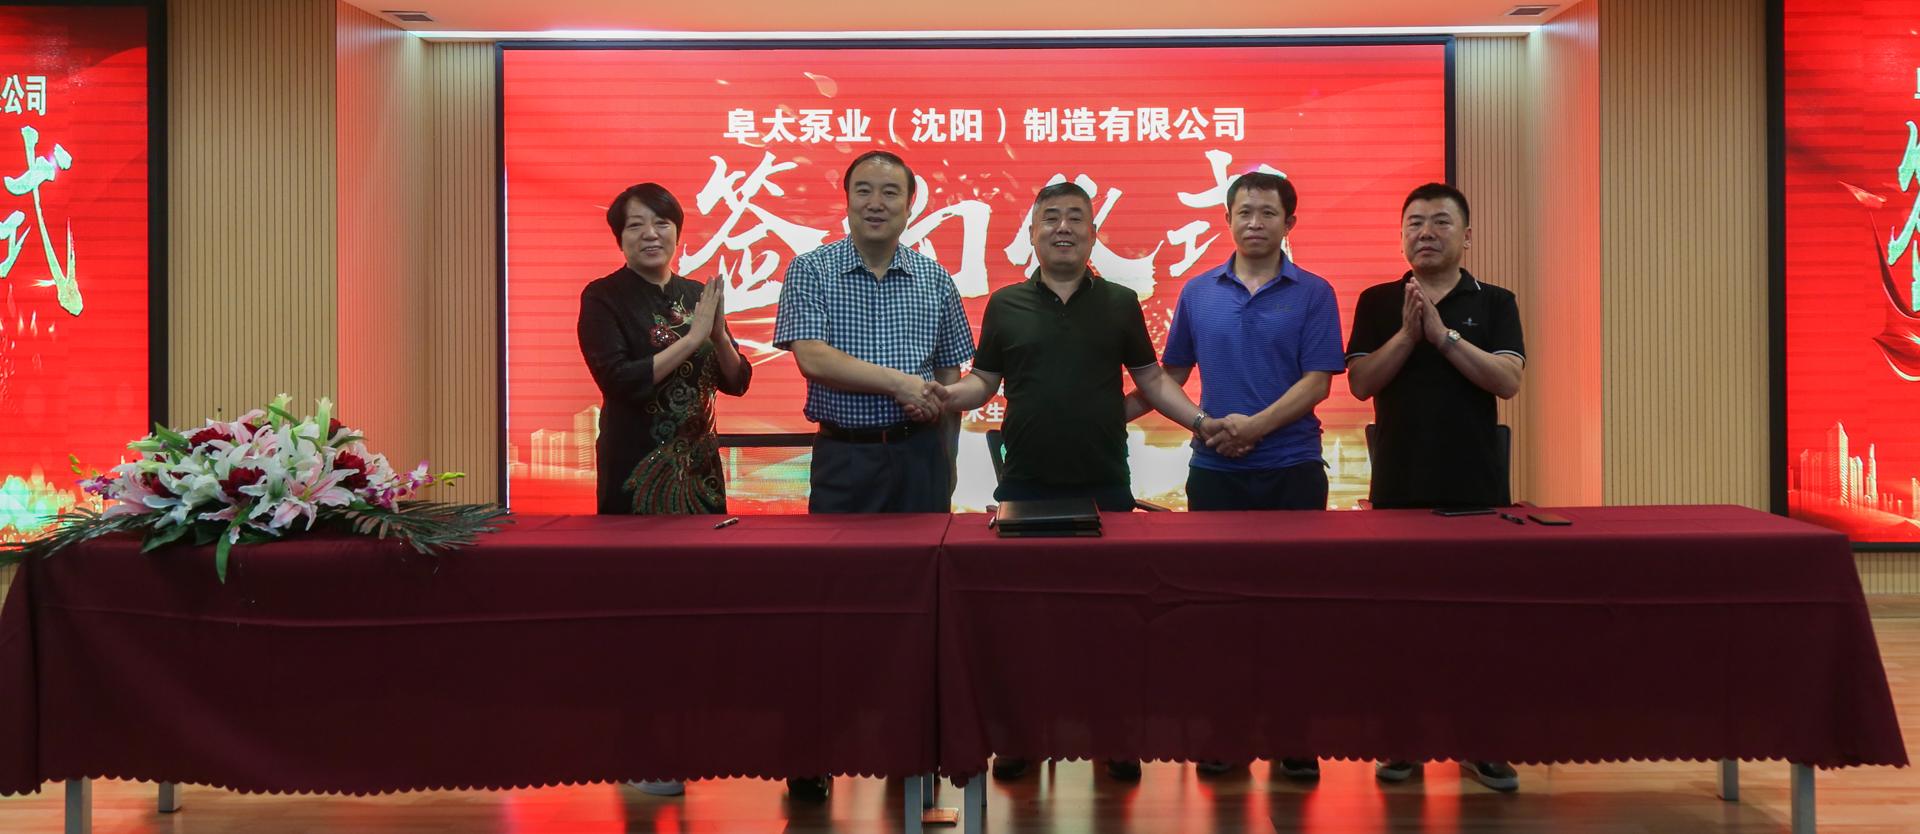 阜太泵業(沈陽)有限公司成立簽約儀式在東北科技大市場舉辦